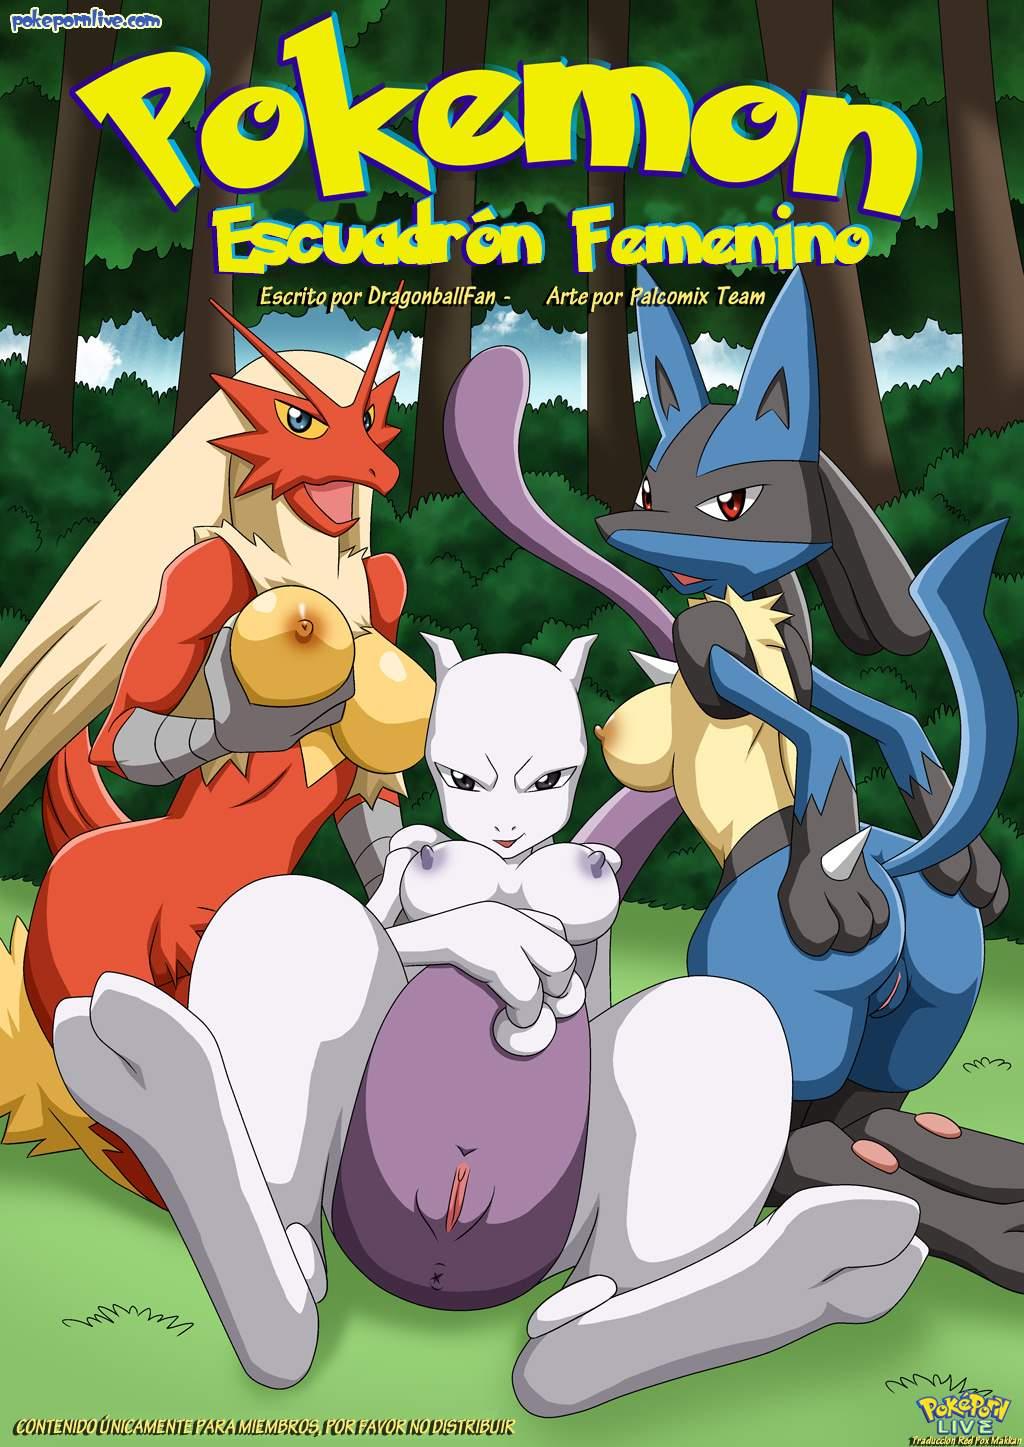 SureFap xxx porno Pokemon - [Palcomix][PokepornLive] - Pokemon Female Squad - Pokemon Escuadron Femenino